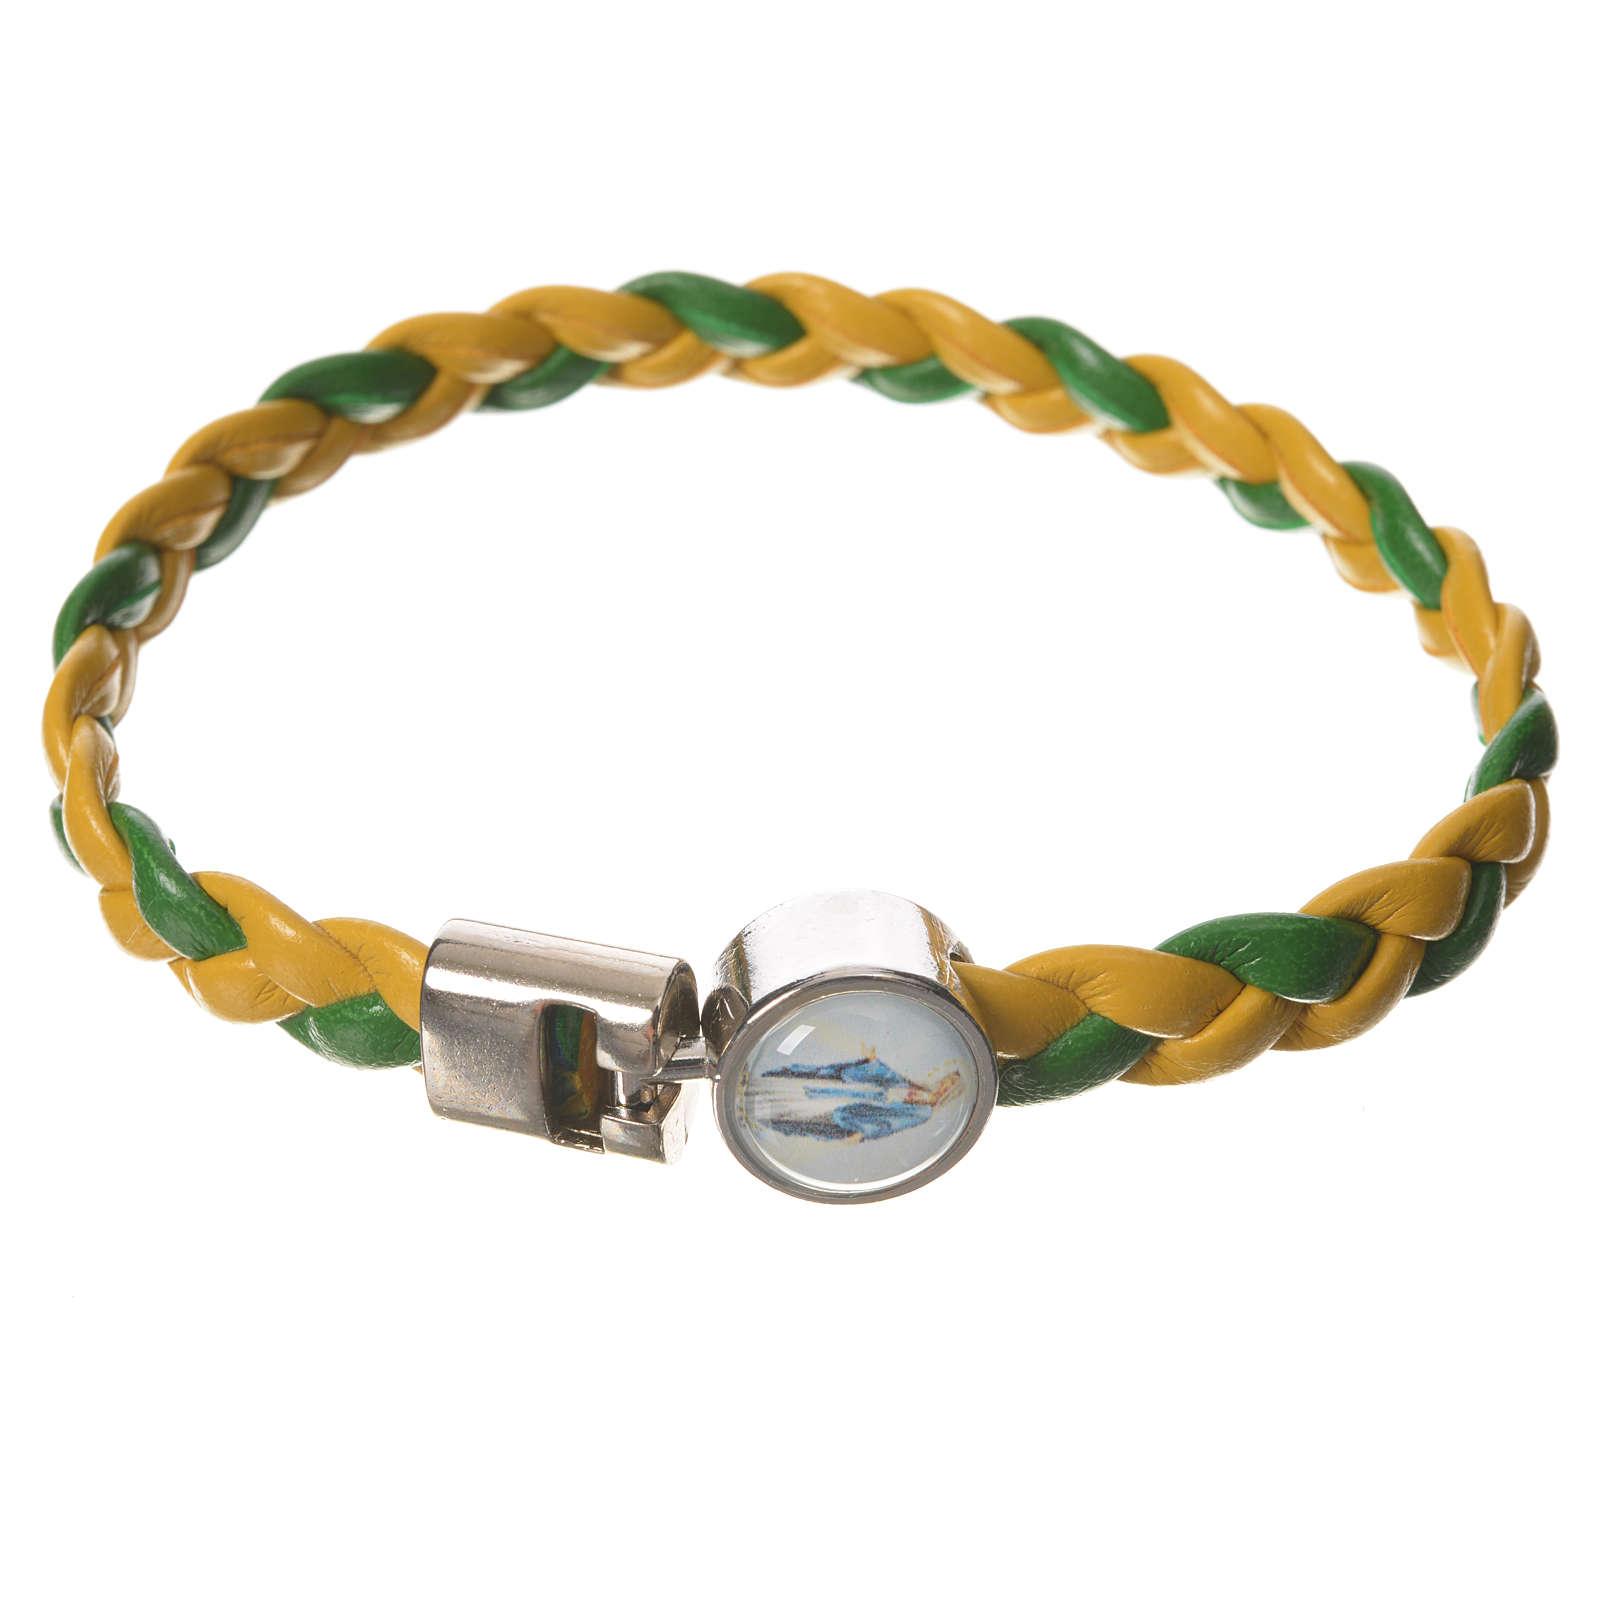 Bracciale intrecciato giallo verde 20cm Miracolosa 4